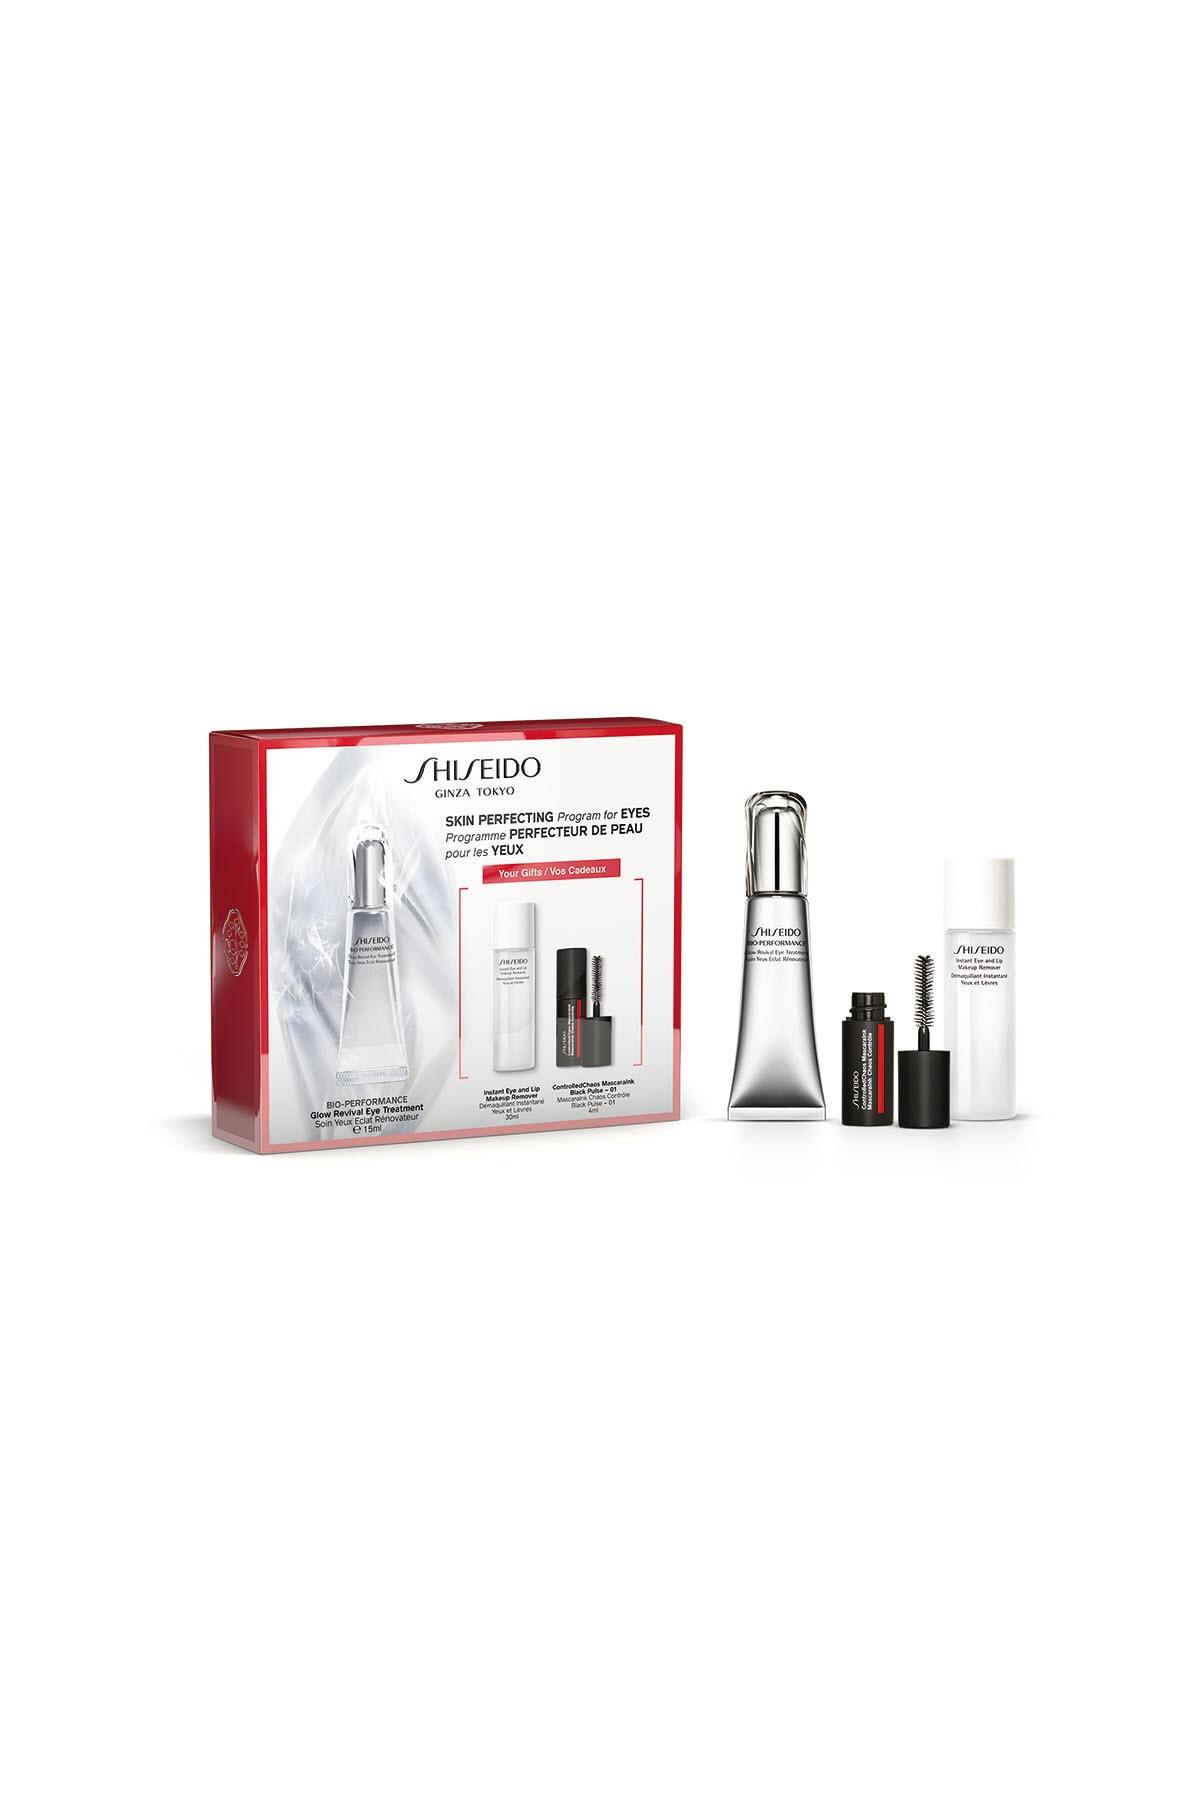 Shiseido Göz Çevresini Yenileyen ve Aydınlatan Bakım Seti - BOP Glow Eye Care Set 3598380364012